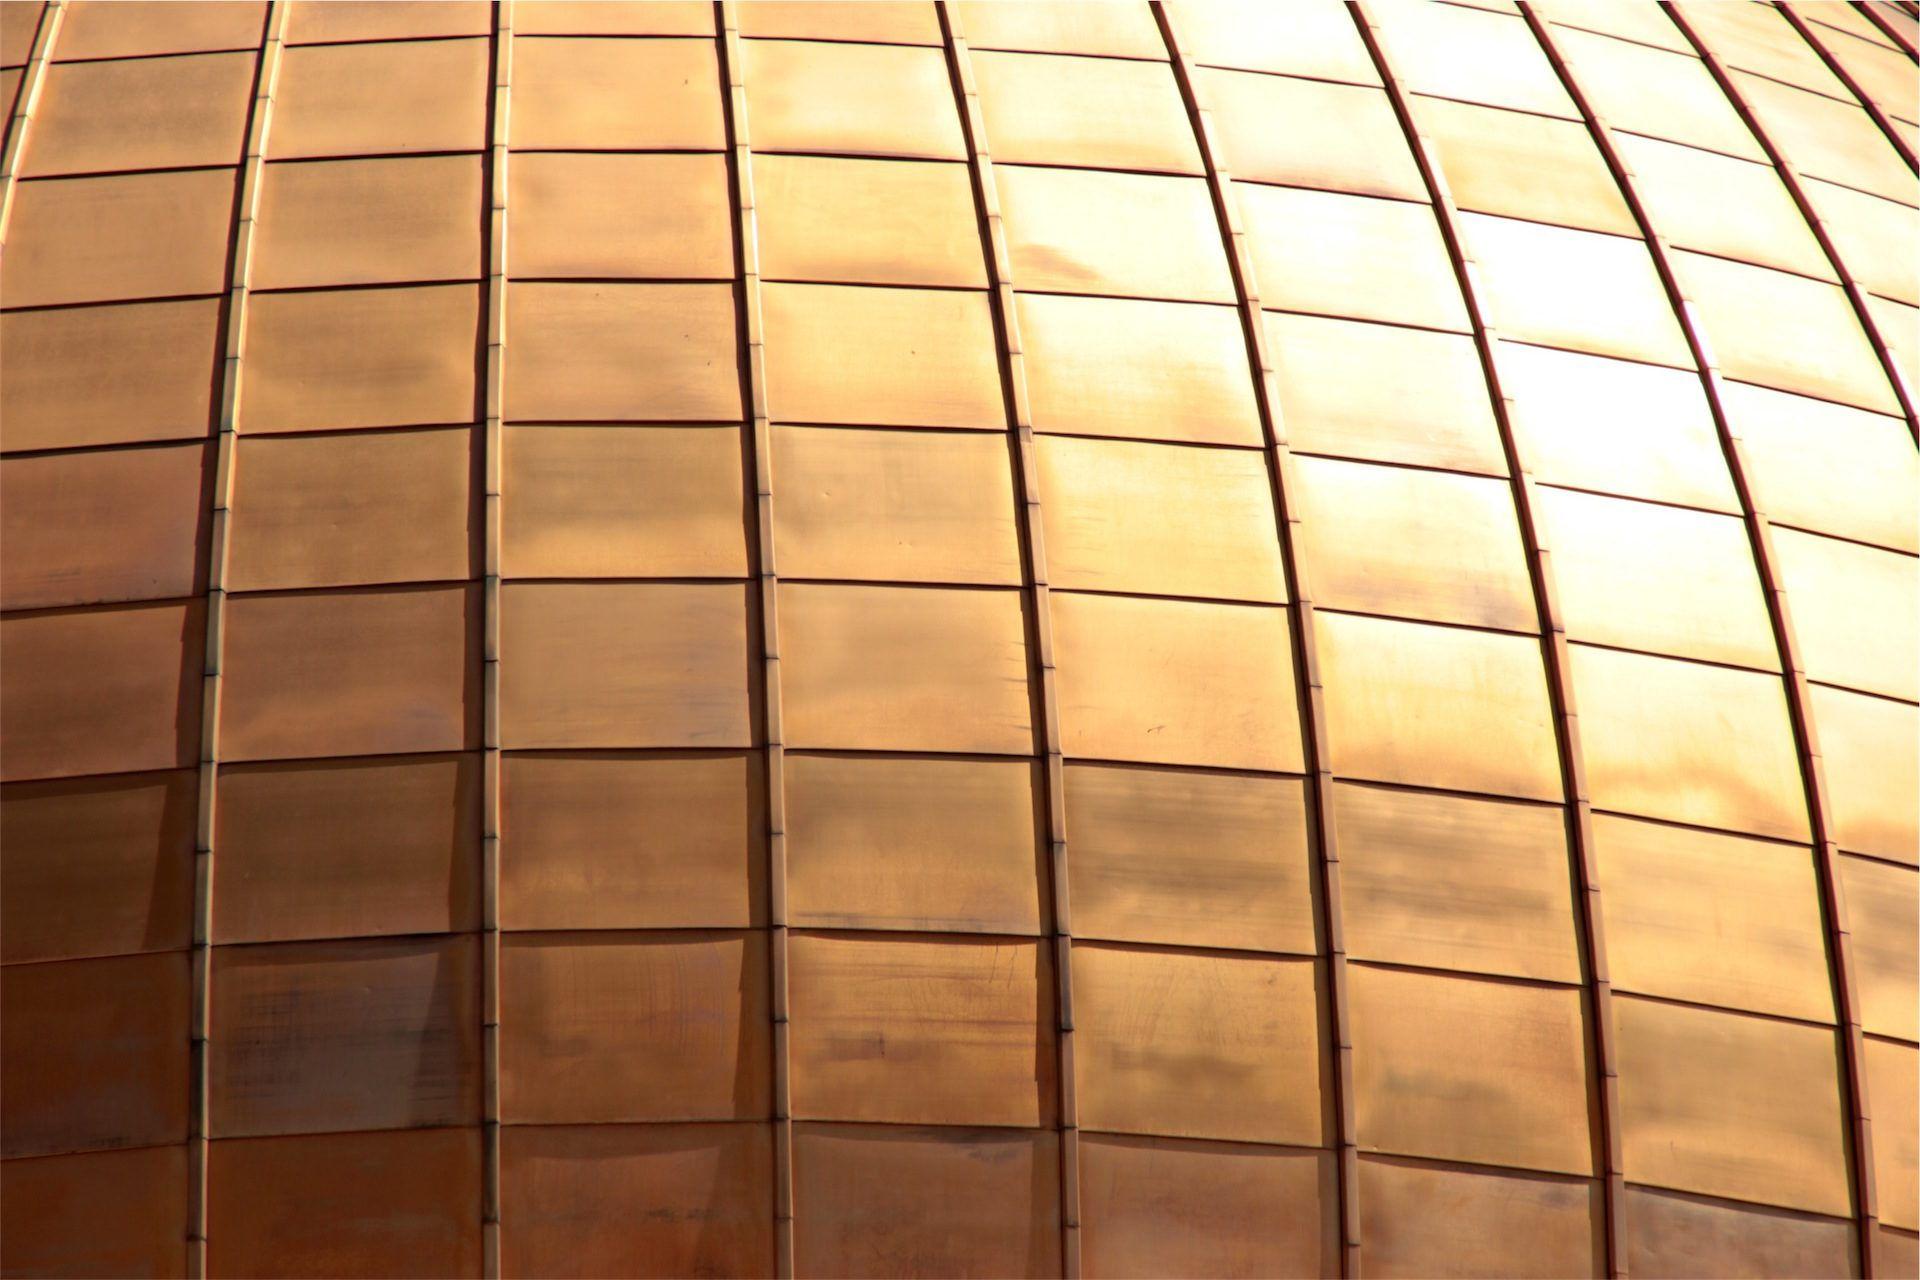 Edificio Dorado Piezas Cuadrados Reflejo 1610260847 Edificios Cuadros Fondos De Pantalla Hd